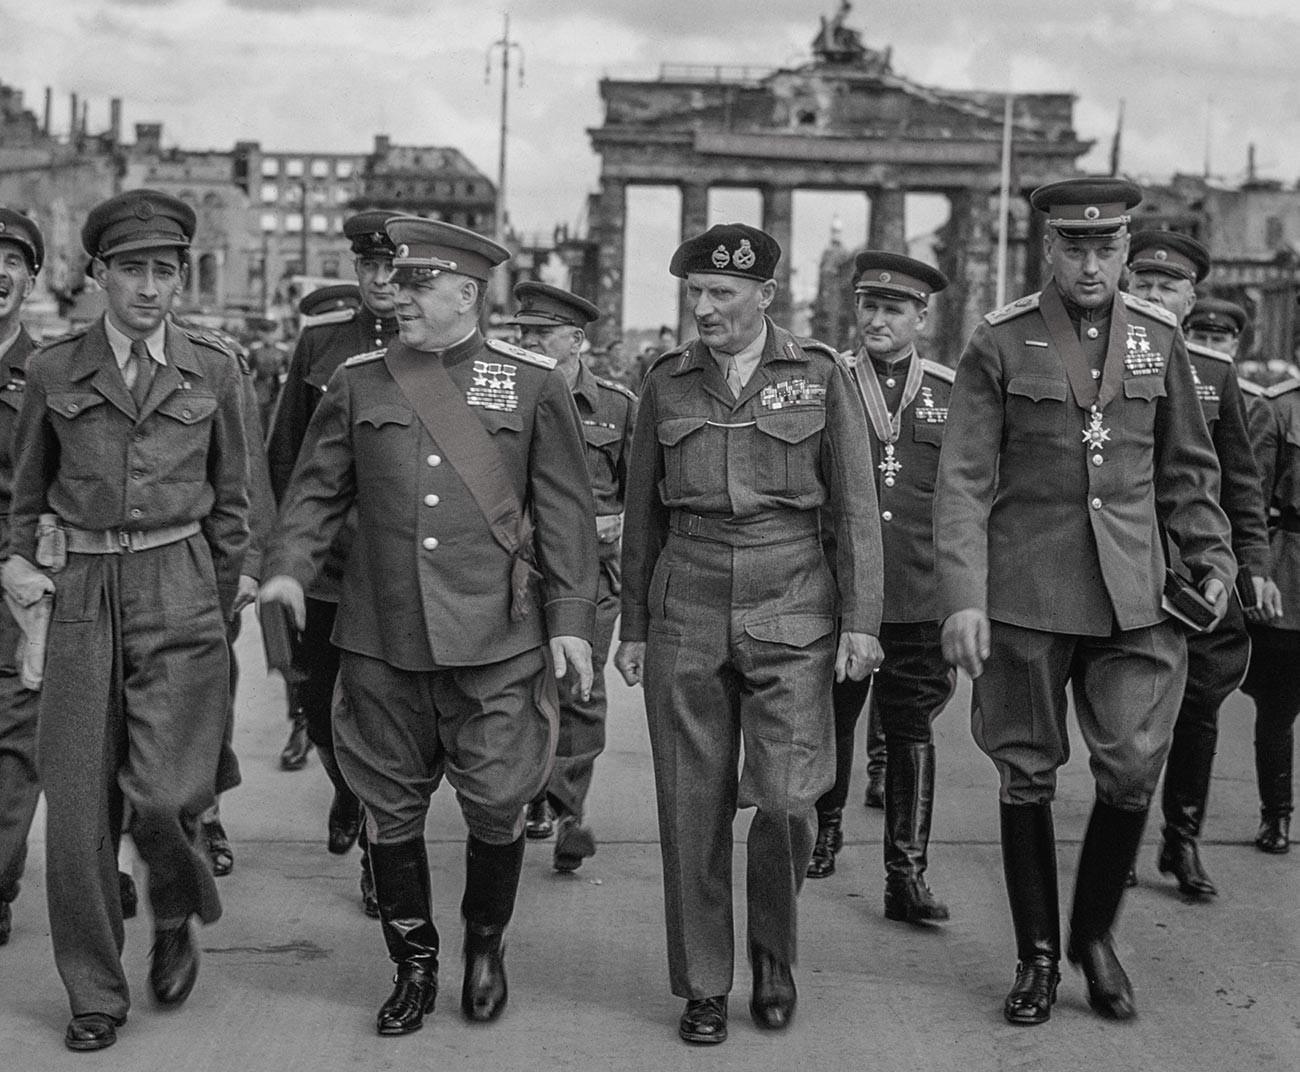 El Vicecomandante Supremo en Jefe del Ejército Rojo, el mariscal G. Zhukov, el Comandante del 21º Grupo de Ejércitos, el mariscal de campo Sir Bernard Montgomery, el mariscal K. Rokossovski y el general Sokolovski del Ejército Rojo abandonan la Puerta de Brandemburgo tras la ceremonia.